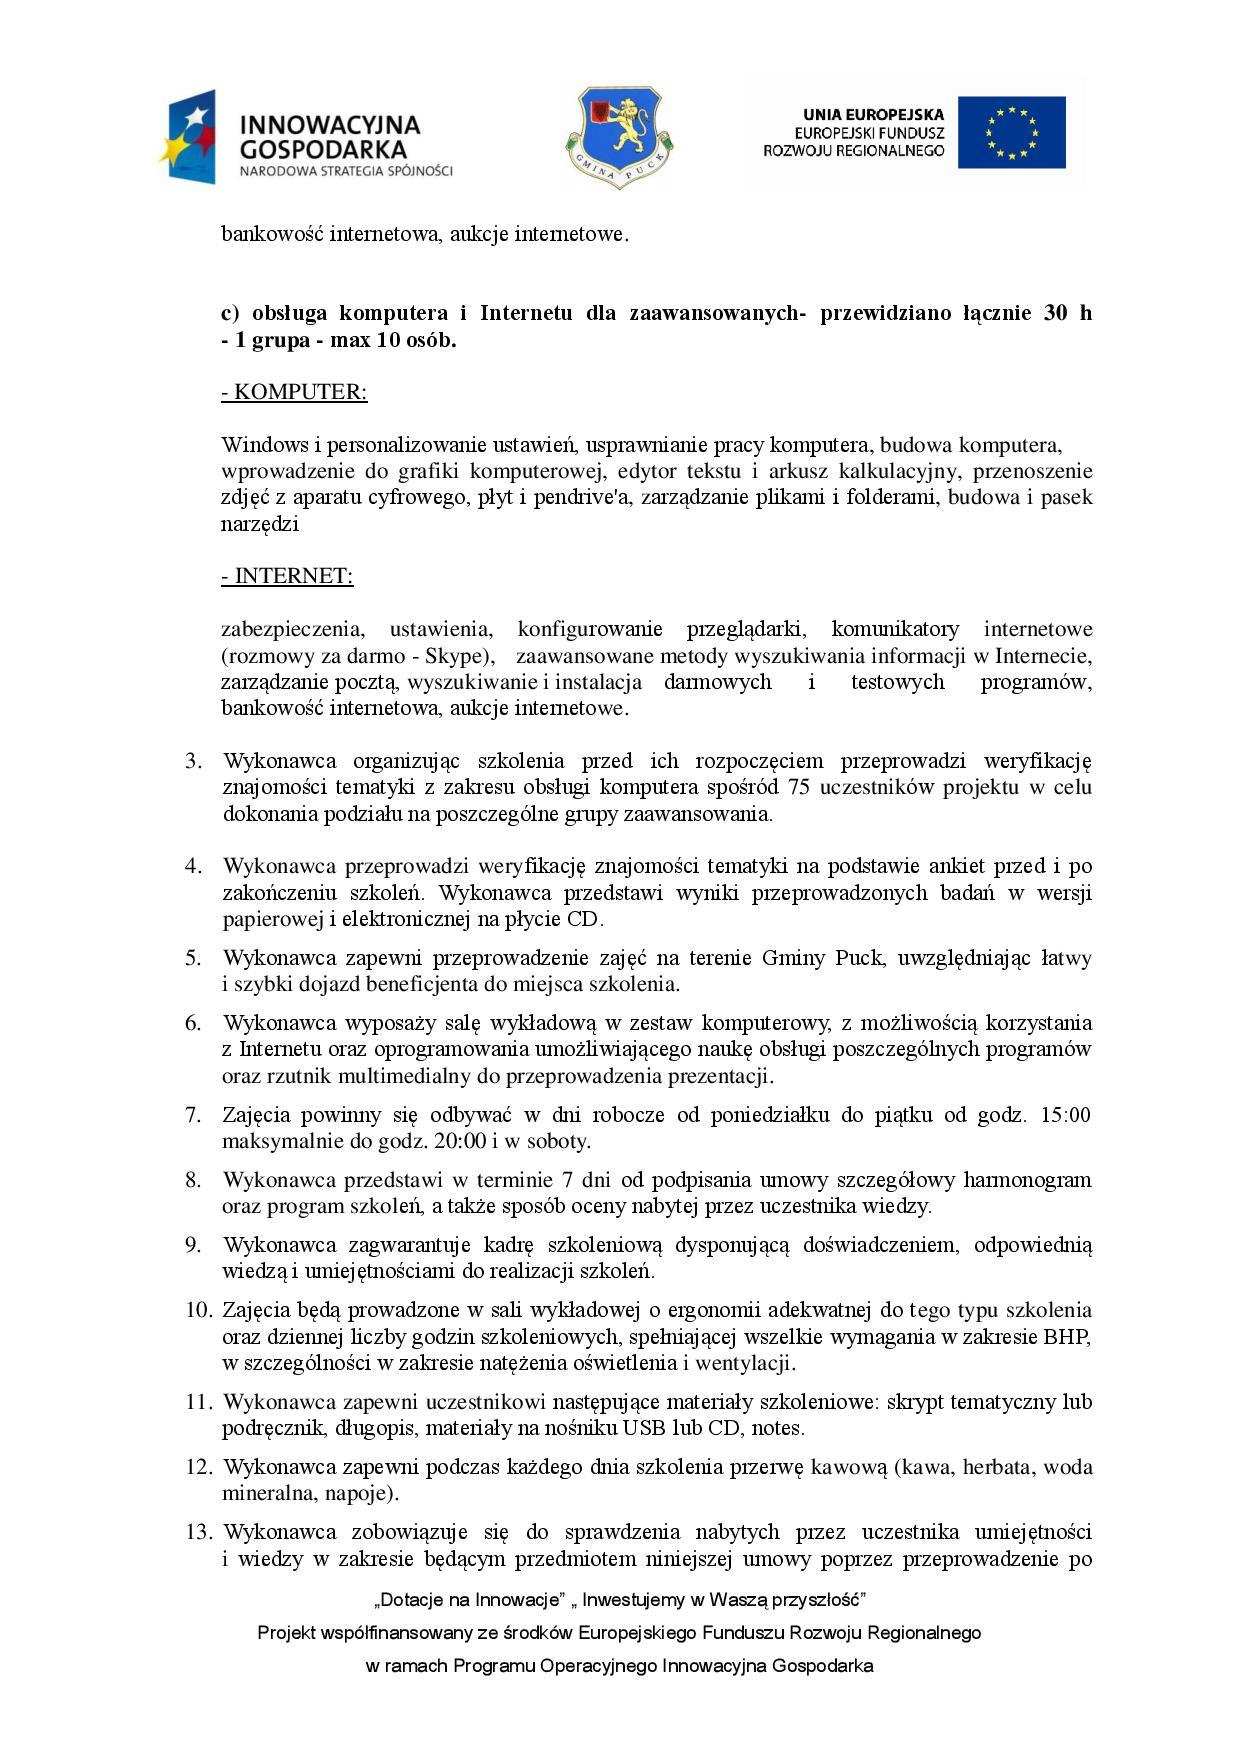 ZAPRASZAMY DO SKŁADANIA OFERT-page-002